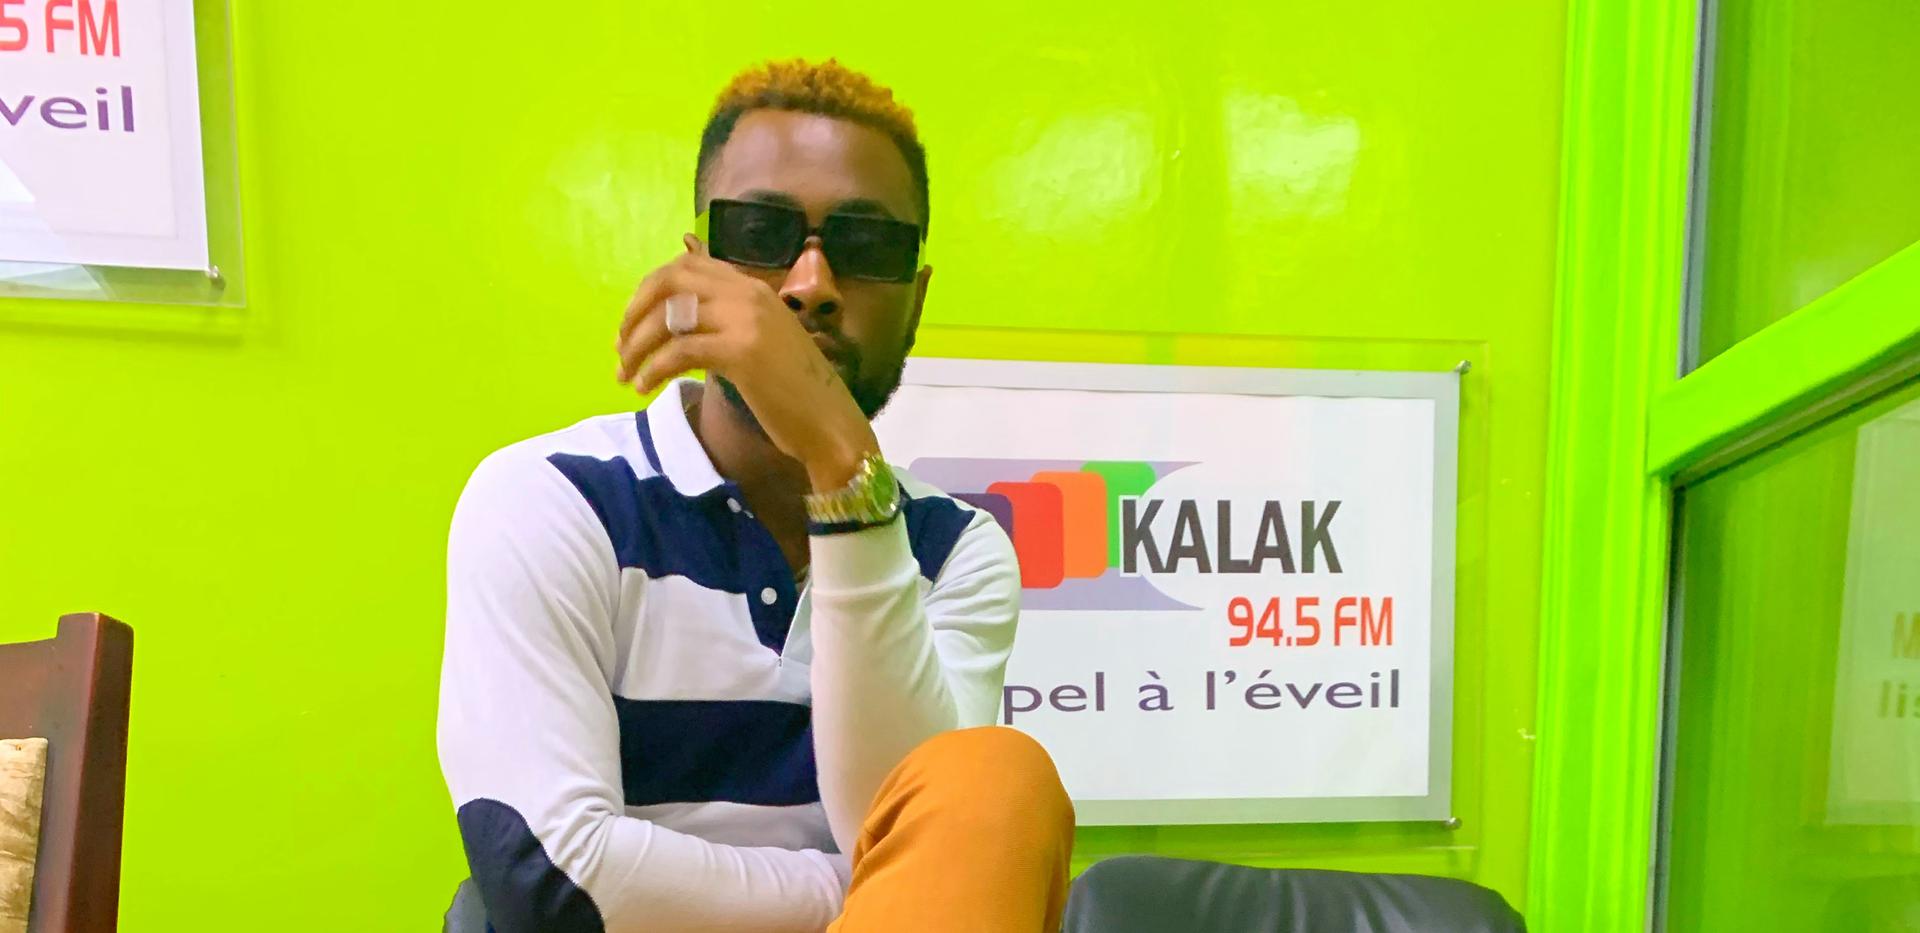 KALAK FM